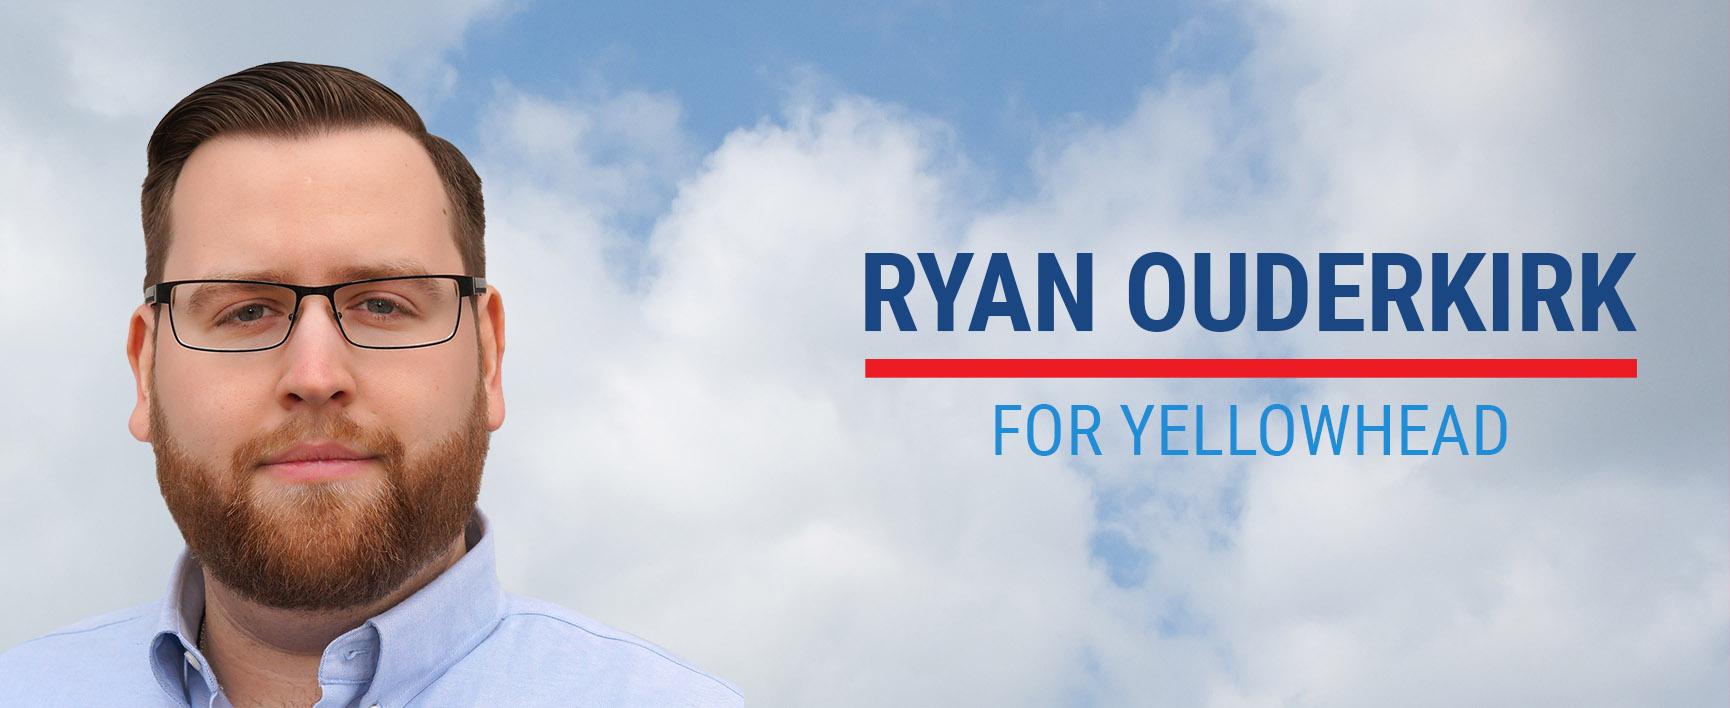 Ryan Ouderkirk